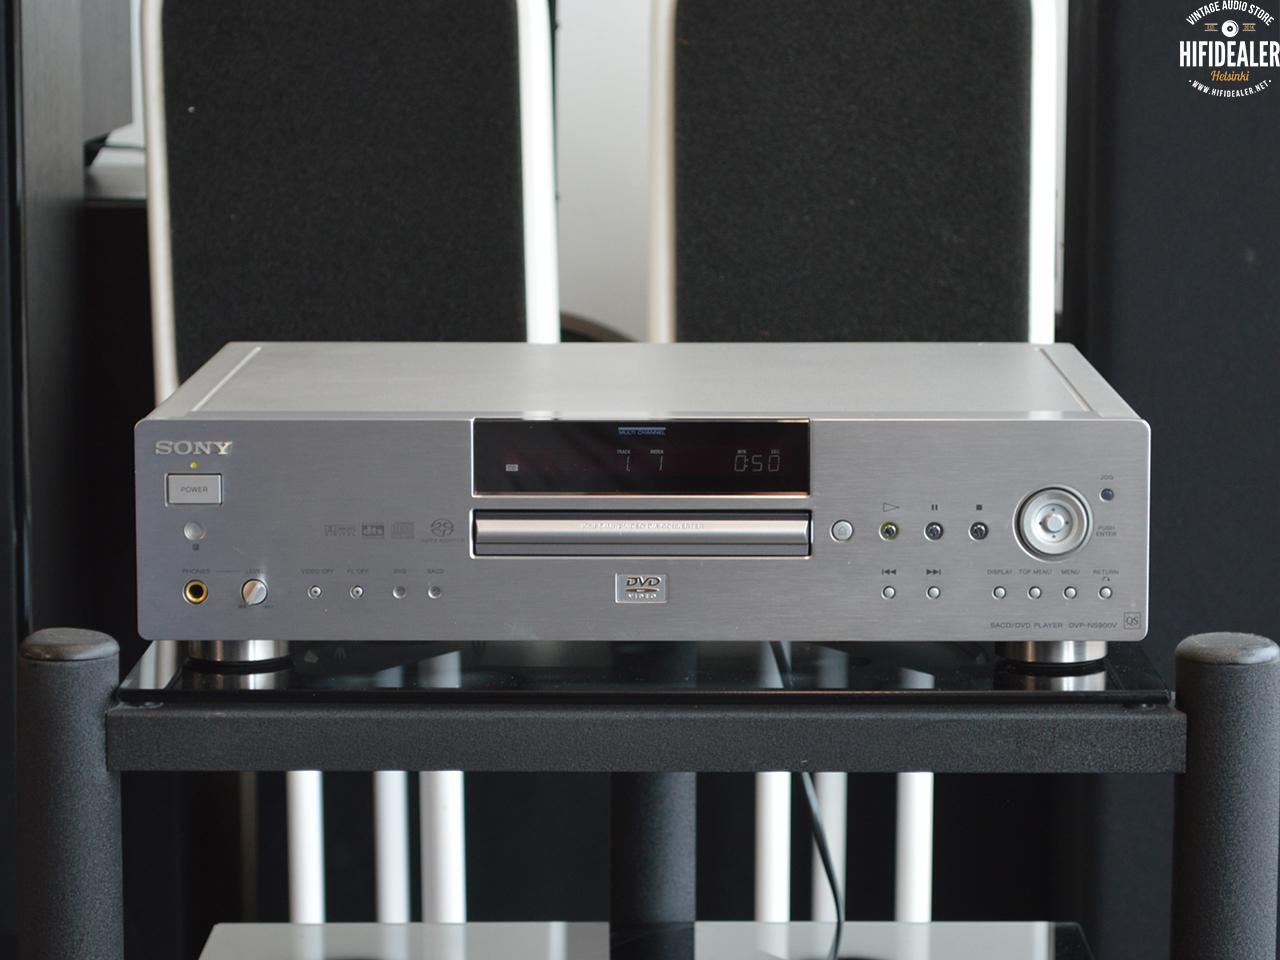 sony-dvp-ns900v